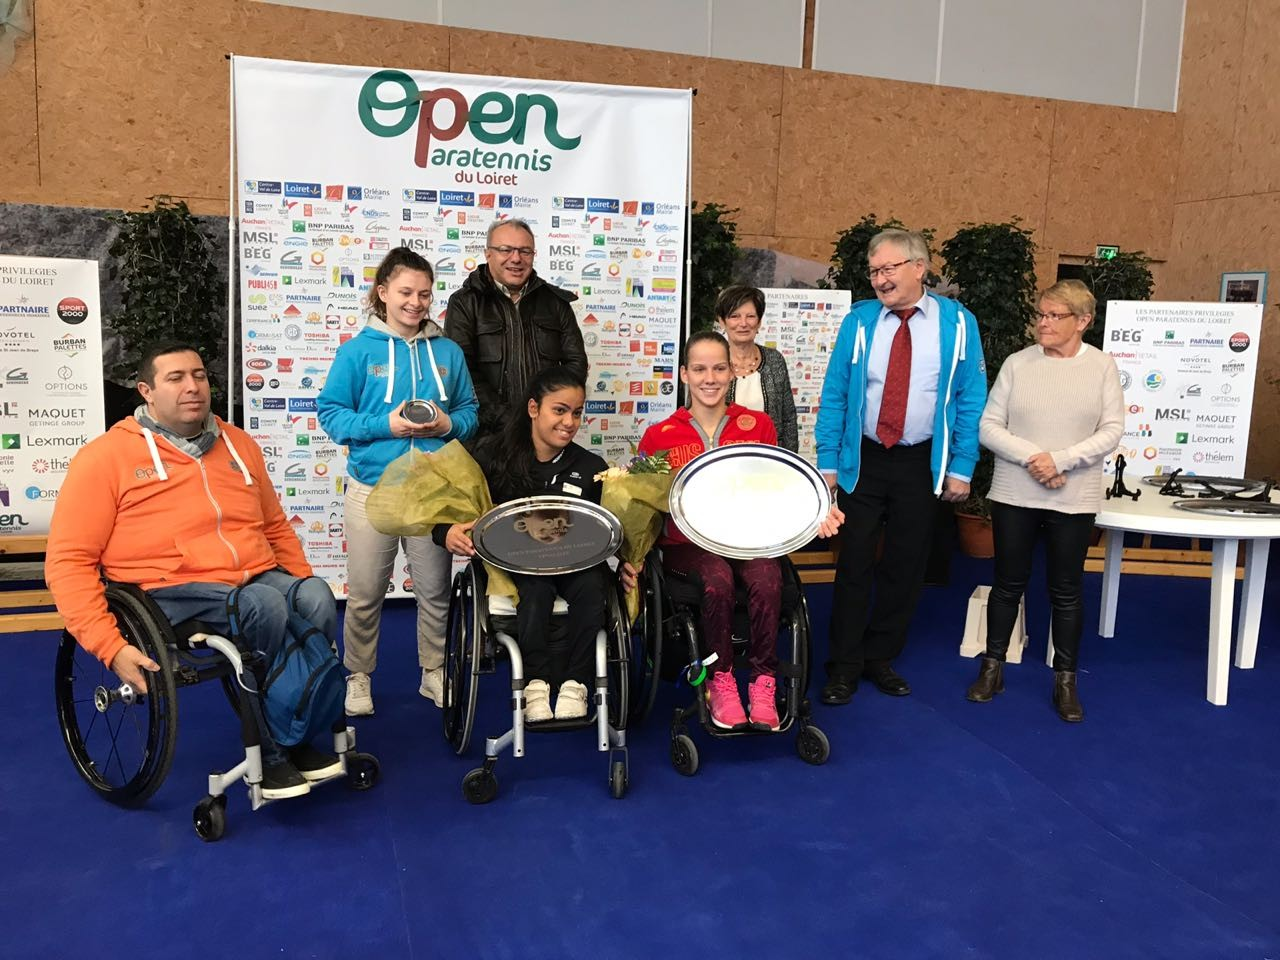 Подмосковная спортсменка Виктория Львова завоевала 2 золотые медали на международных соревнованиях по теннису на колясках во Франции